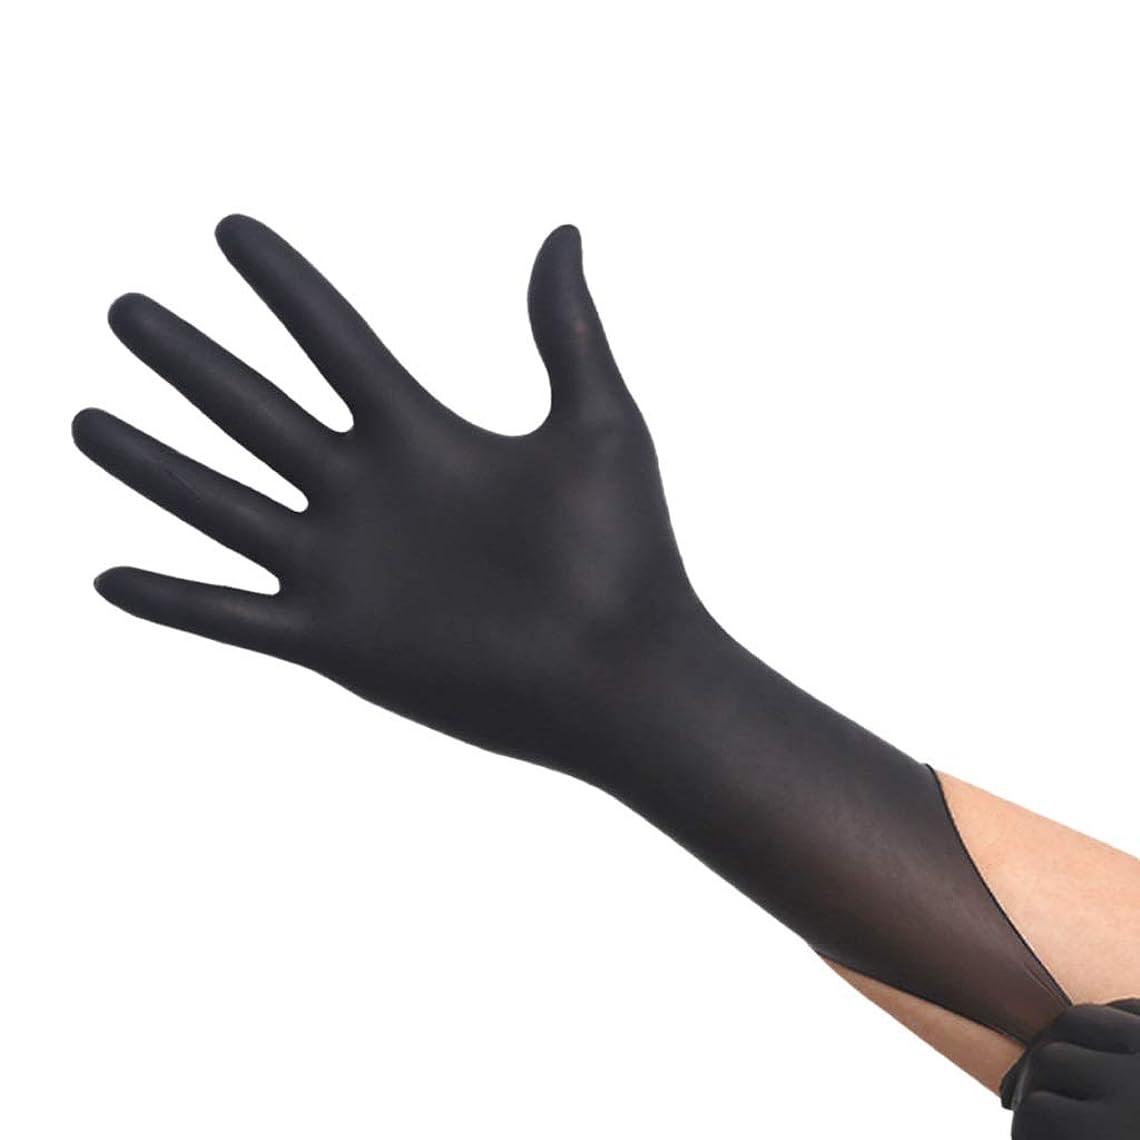 分離自信がある受賞厚手の耐摩耗性使い捨てブラックニトリル手袋 - 耐酸性美容サロン手袋、50ペア/箱 YANW (色 : ブラック, サイズ さいず : L l)